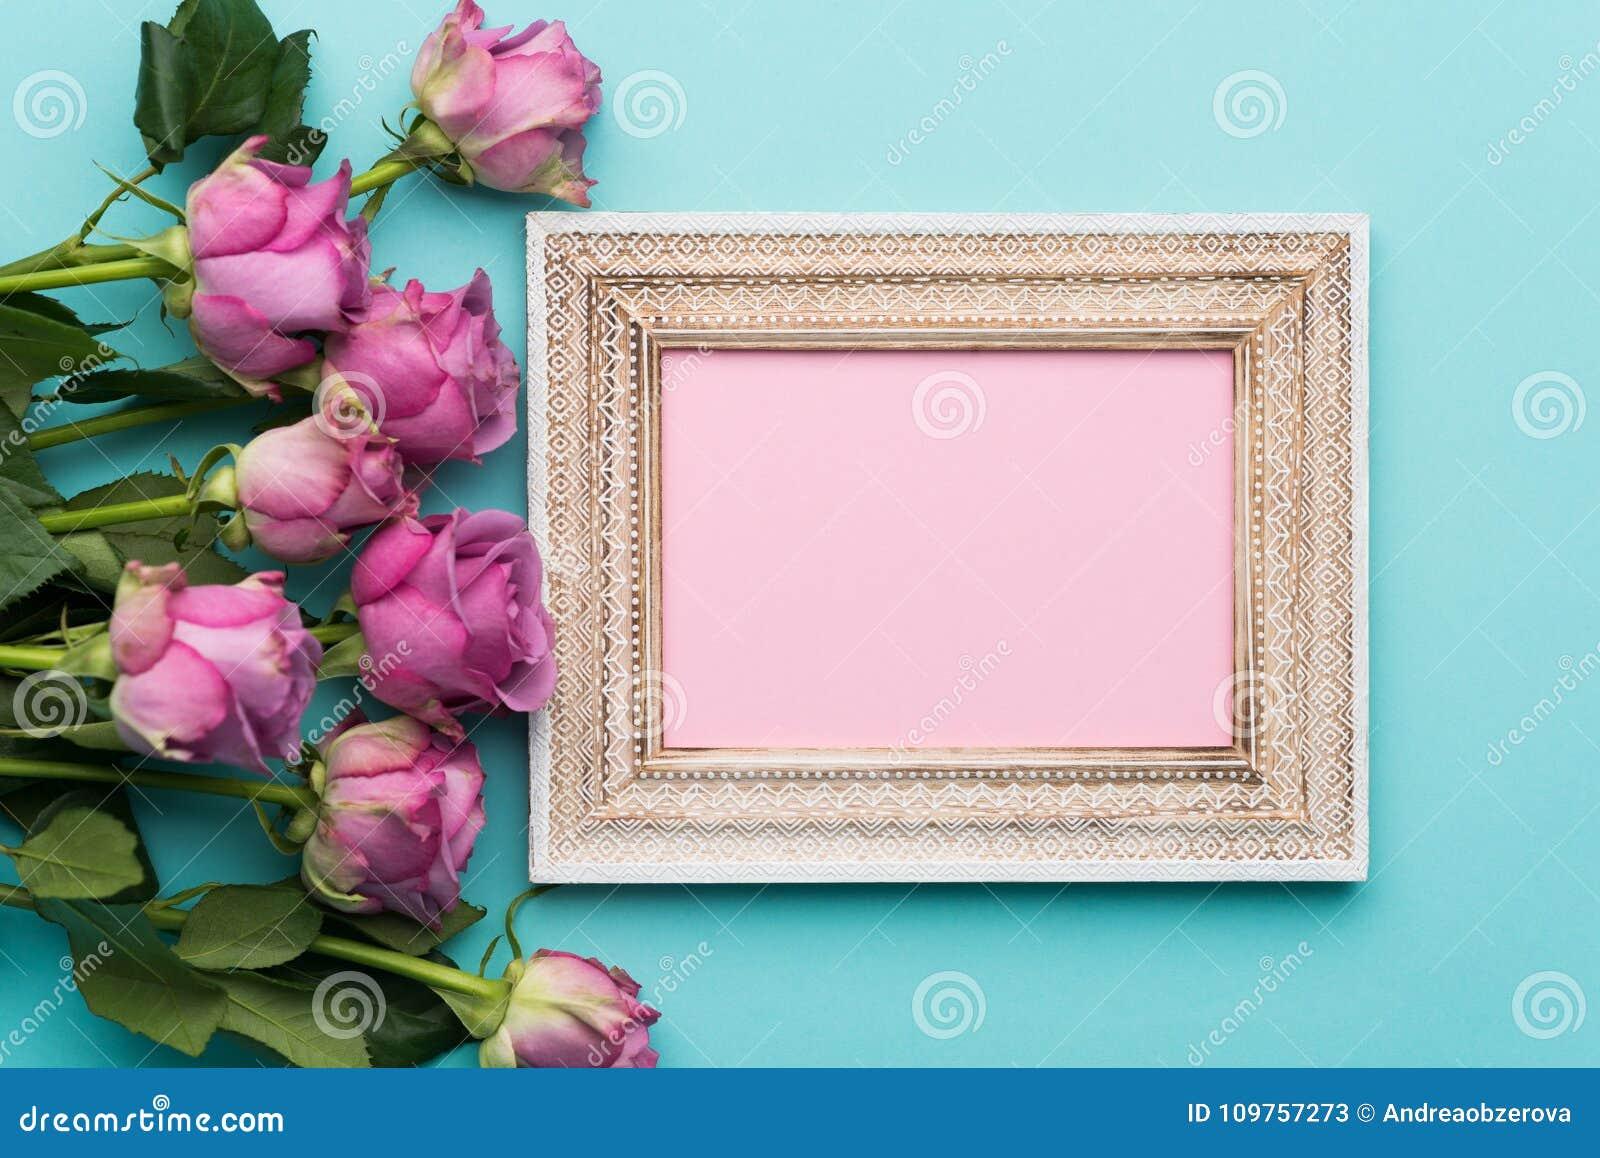 День ` s дня, валентинки счастливого ` s дня, женщин ` s матери или квартира дня рождения кладут предпосылку Красивая картинная р